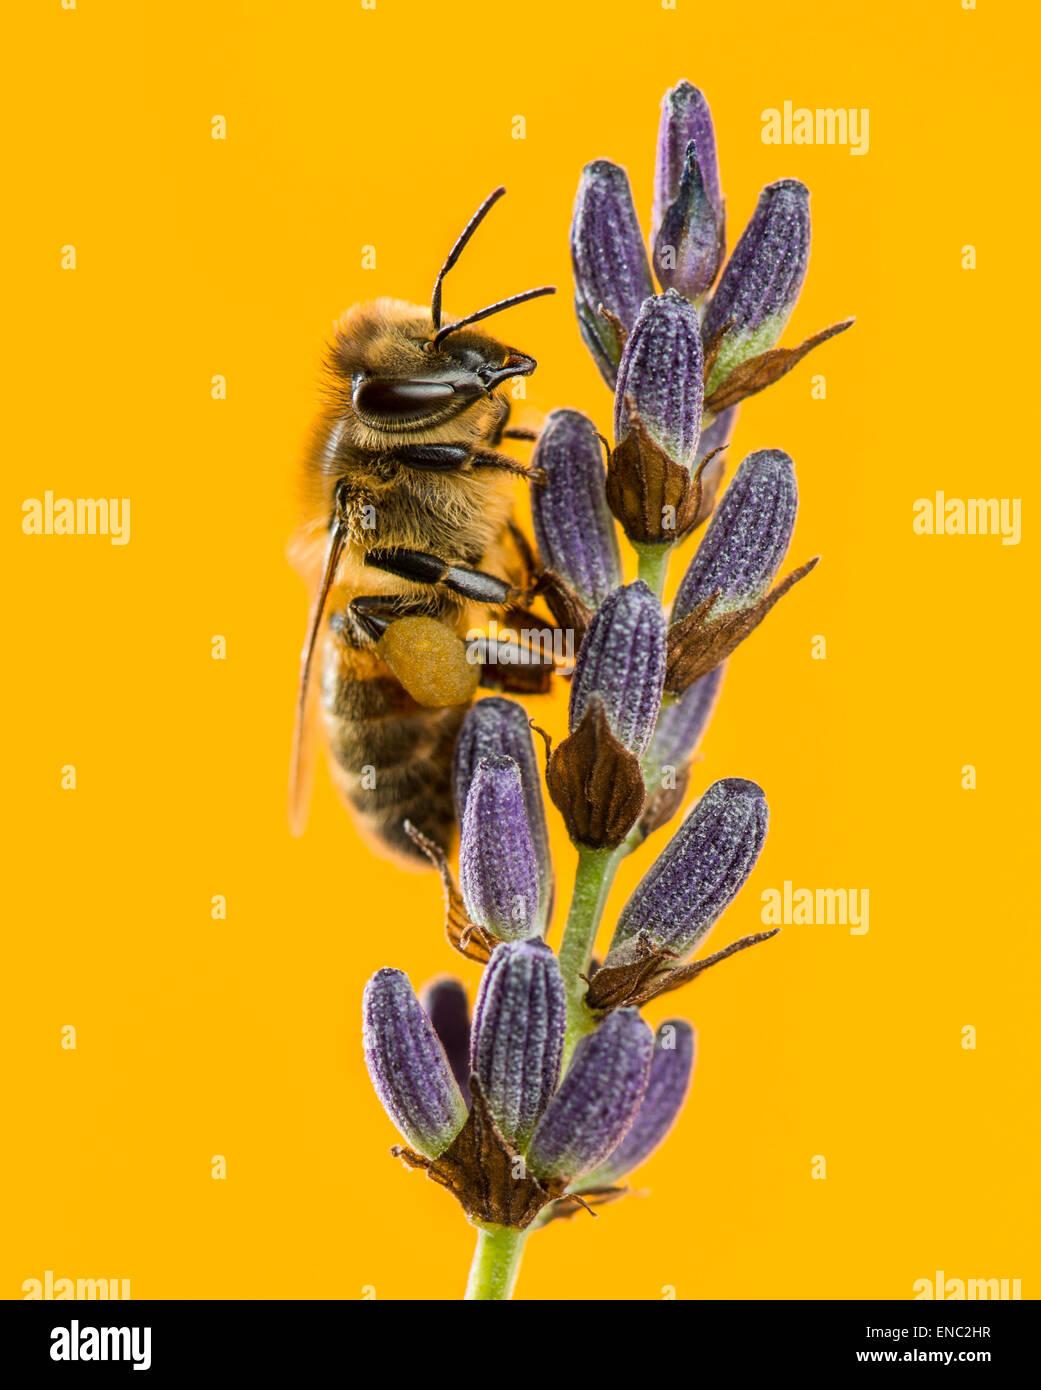 Il miele delle api, Apis mellifera, rovistando sulla lavanda davanti a uno sfondo arancione Immagini Stock